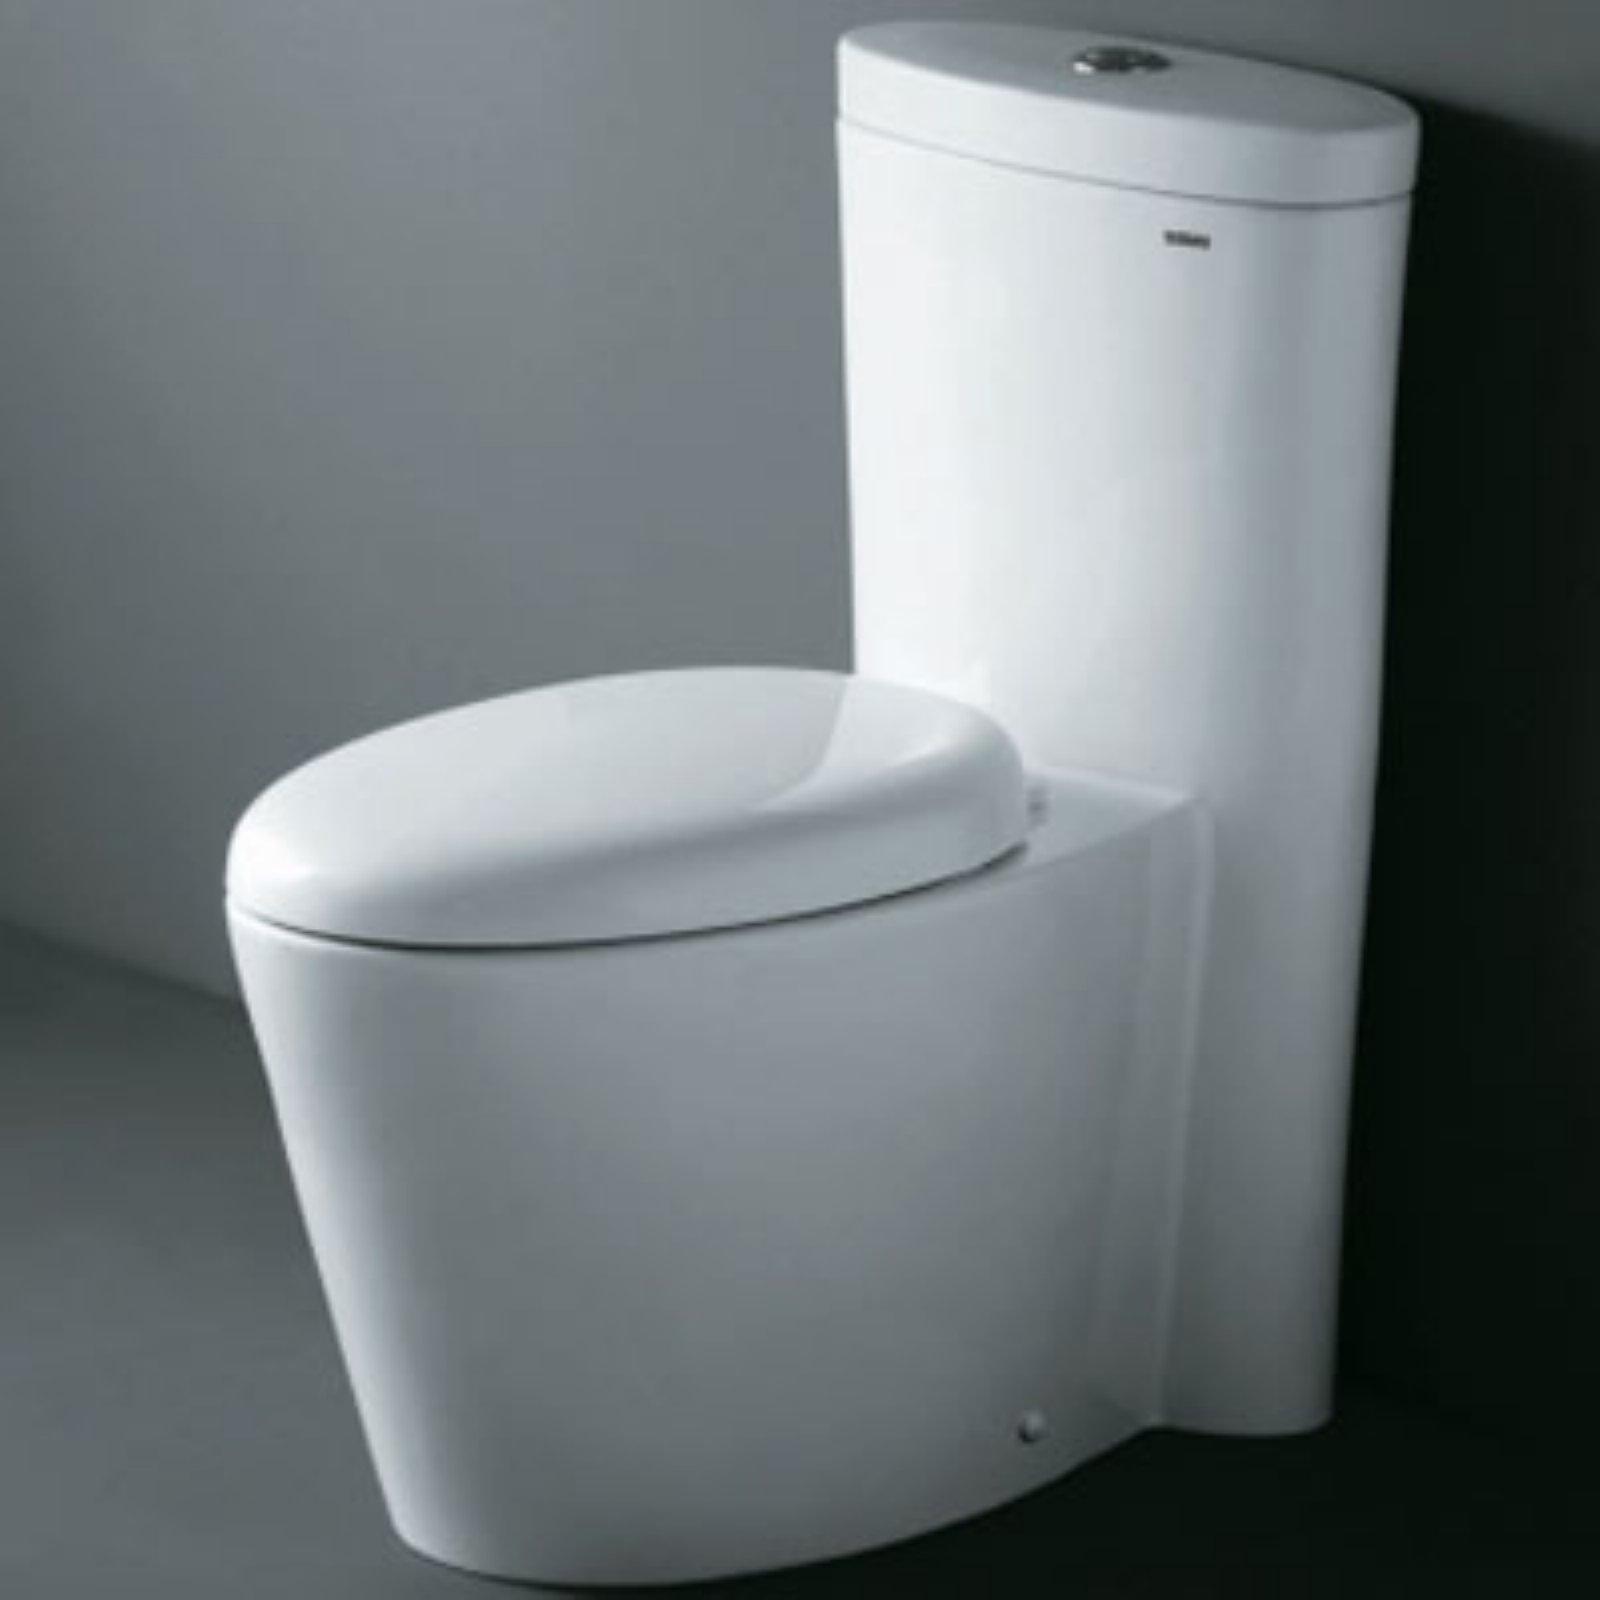 Ariel Monterey Toilet Contemporary Toilets Modern Toilet Dual Flush Toilet